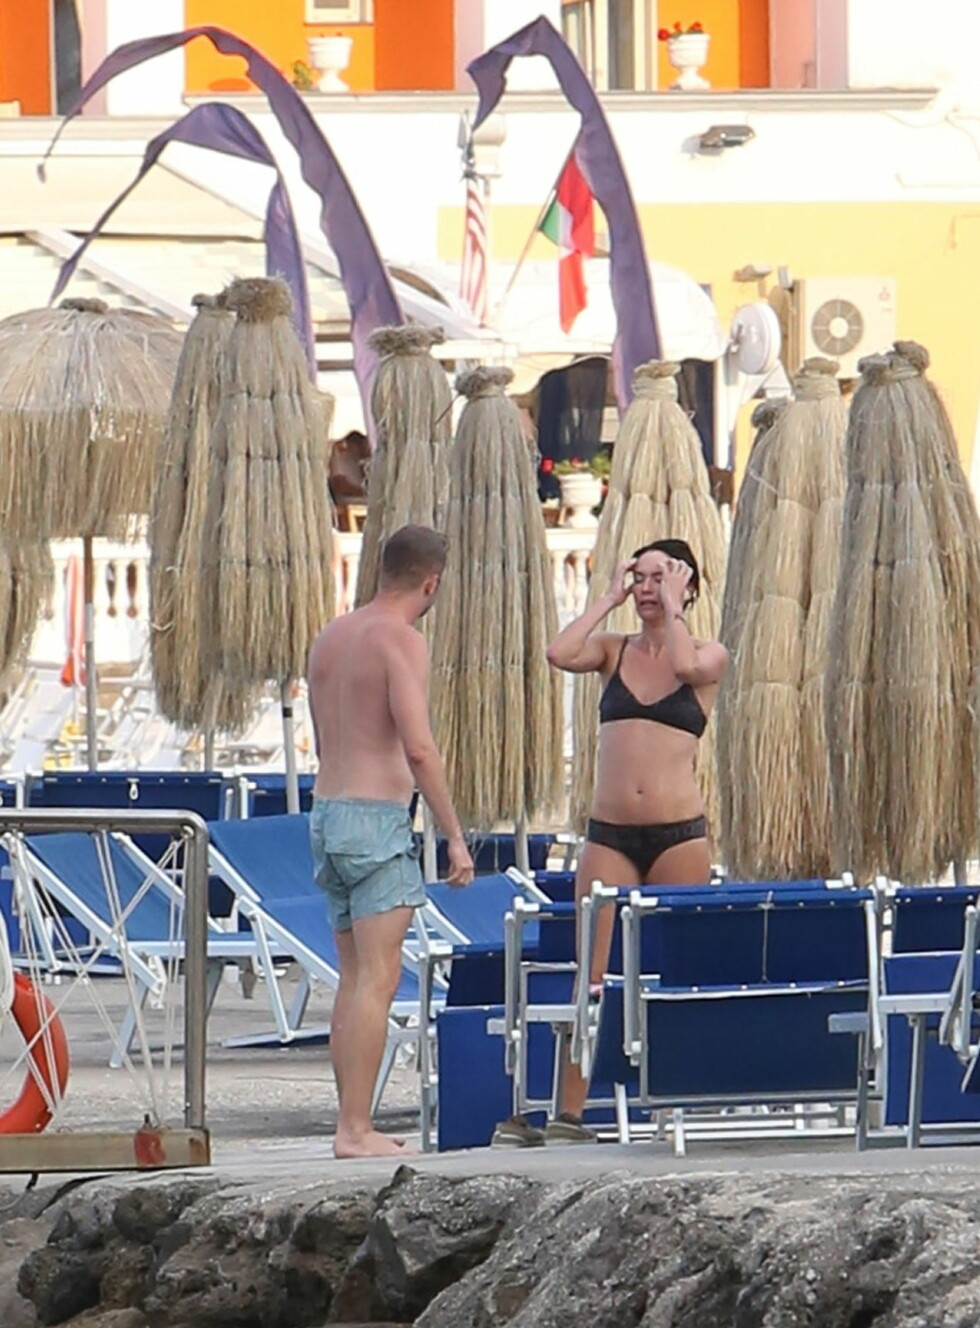 KLAR FOR FEST: Etter badingen på onsdag deltok Lena Headey på en gallamiddag samme kveld. Om kameraten var med på det også, er ikke kjent.  Foto: Eugenio Blasio/Splash News/All Over Press